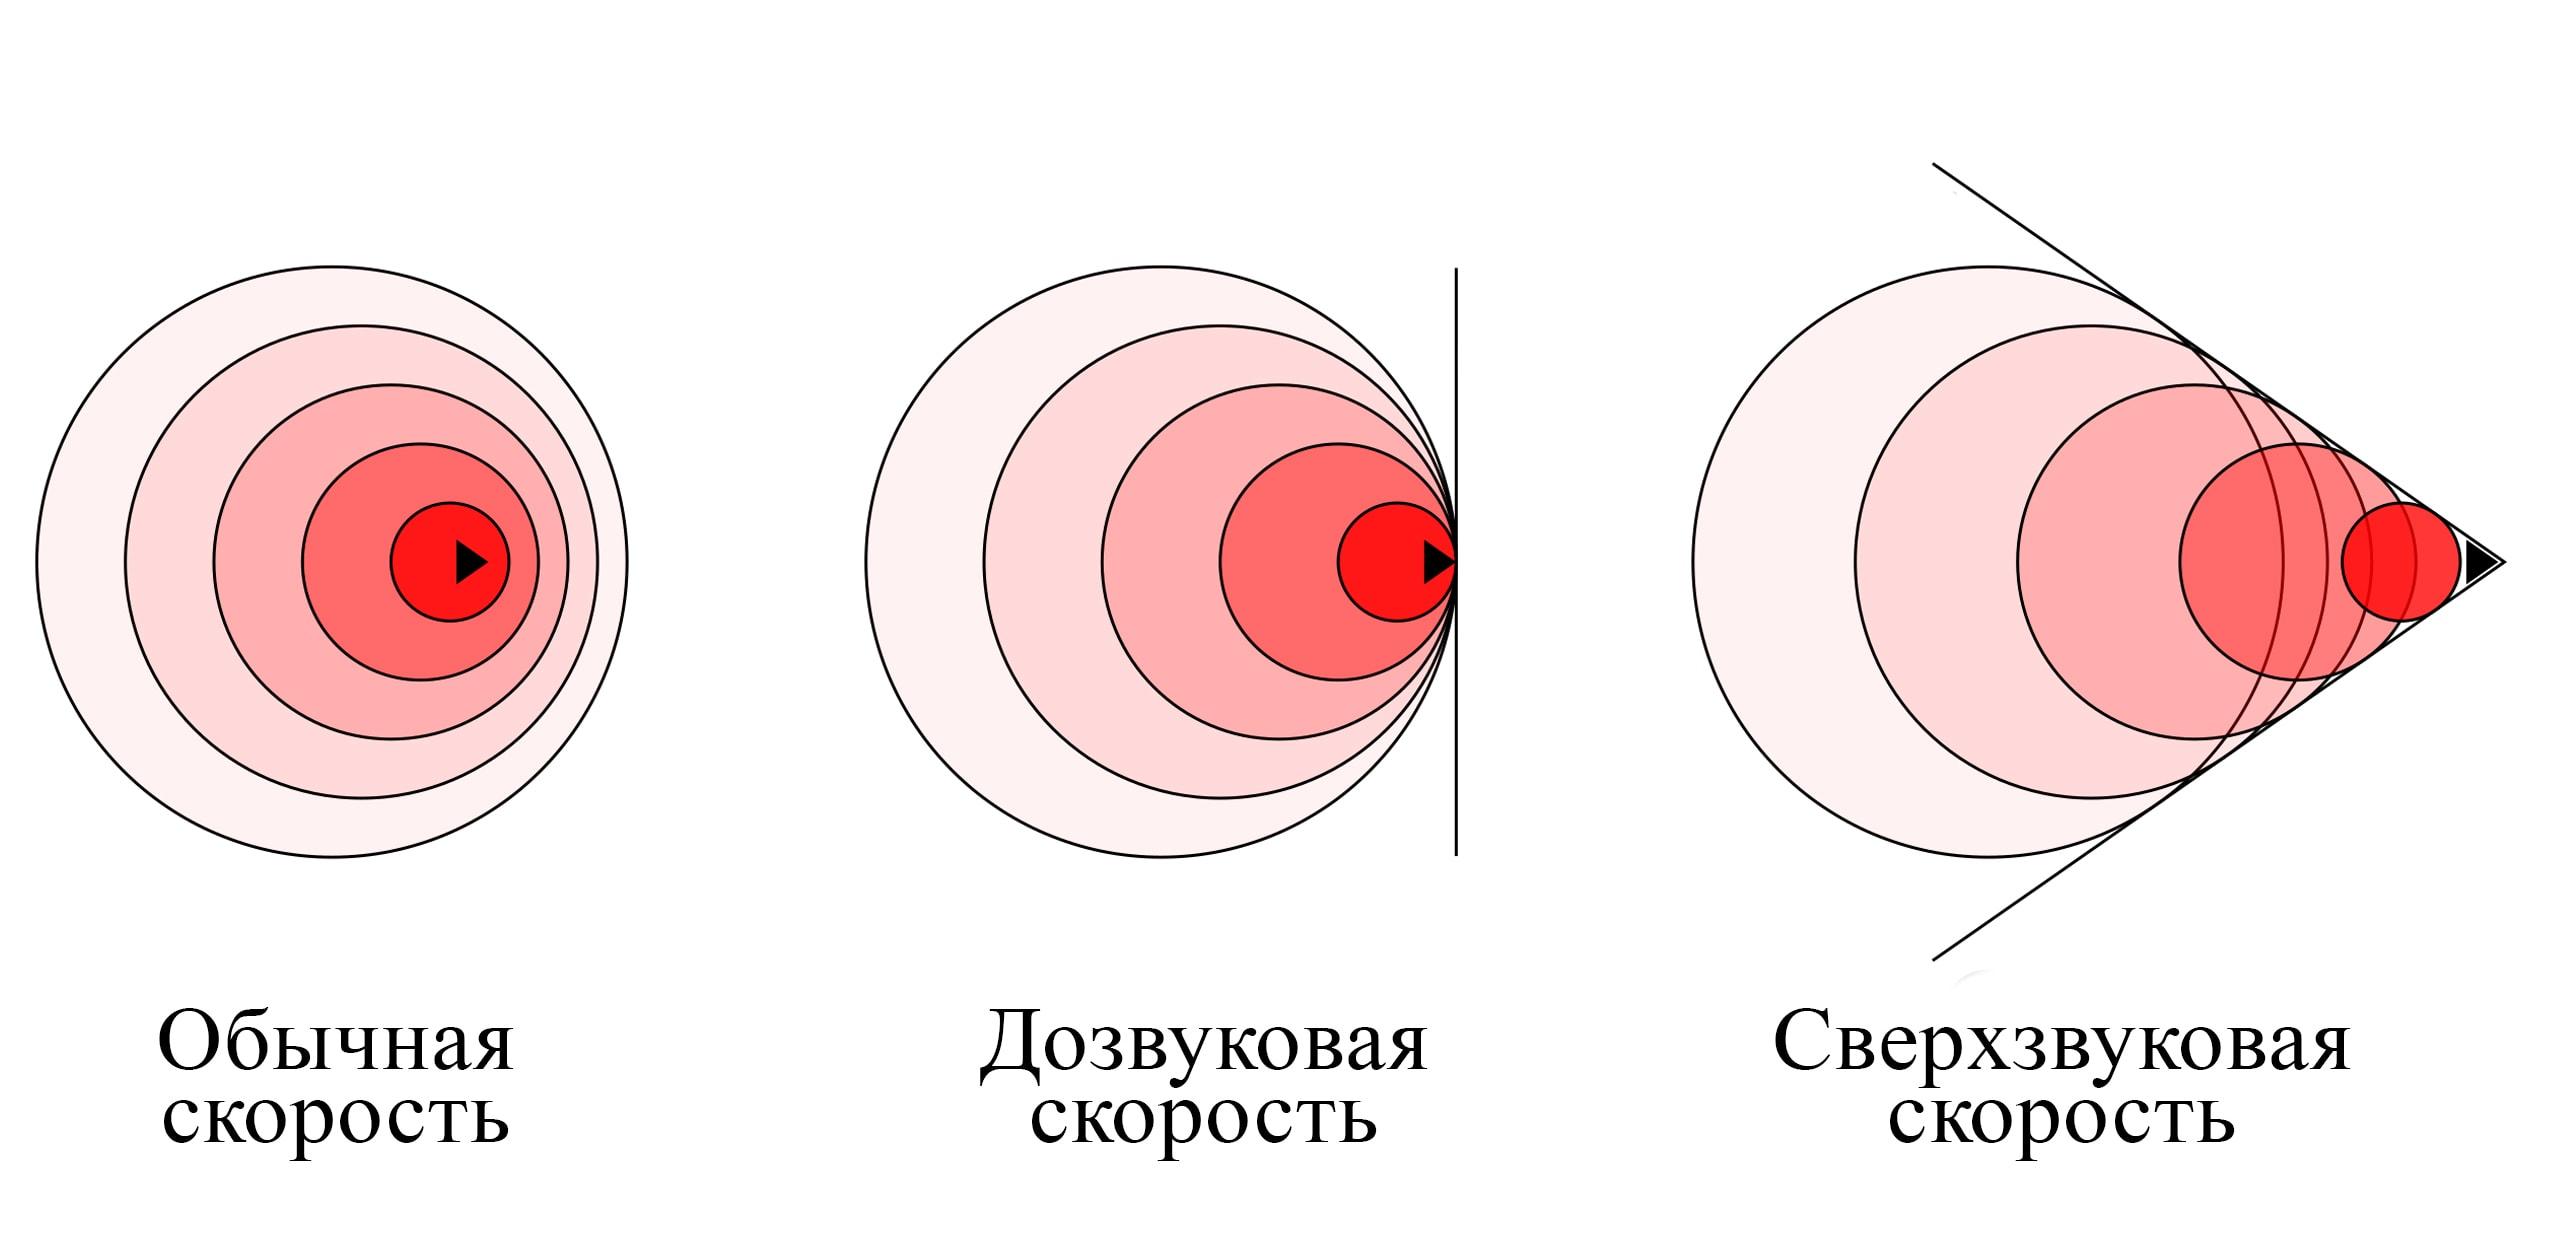 Схема образования ударной волны